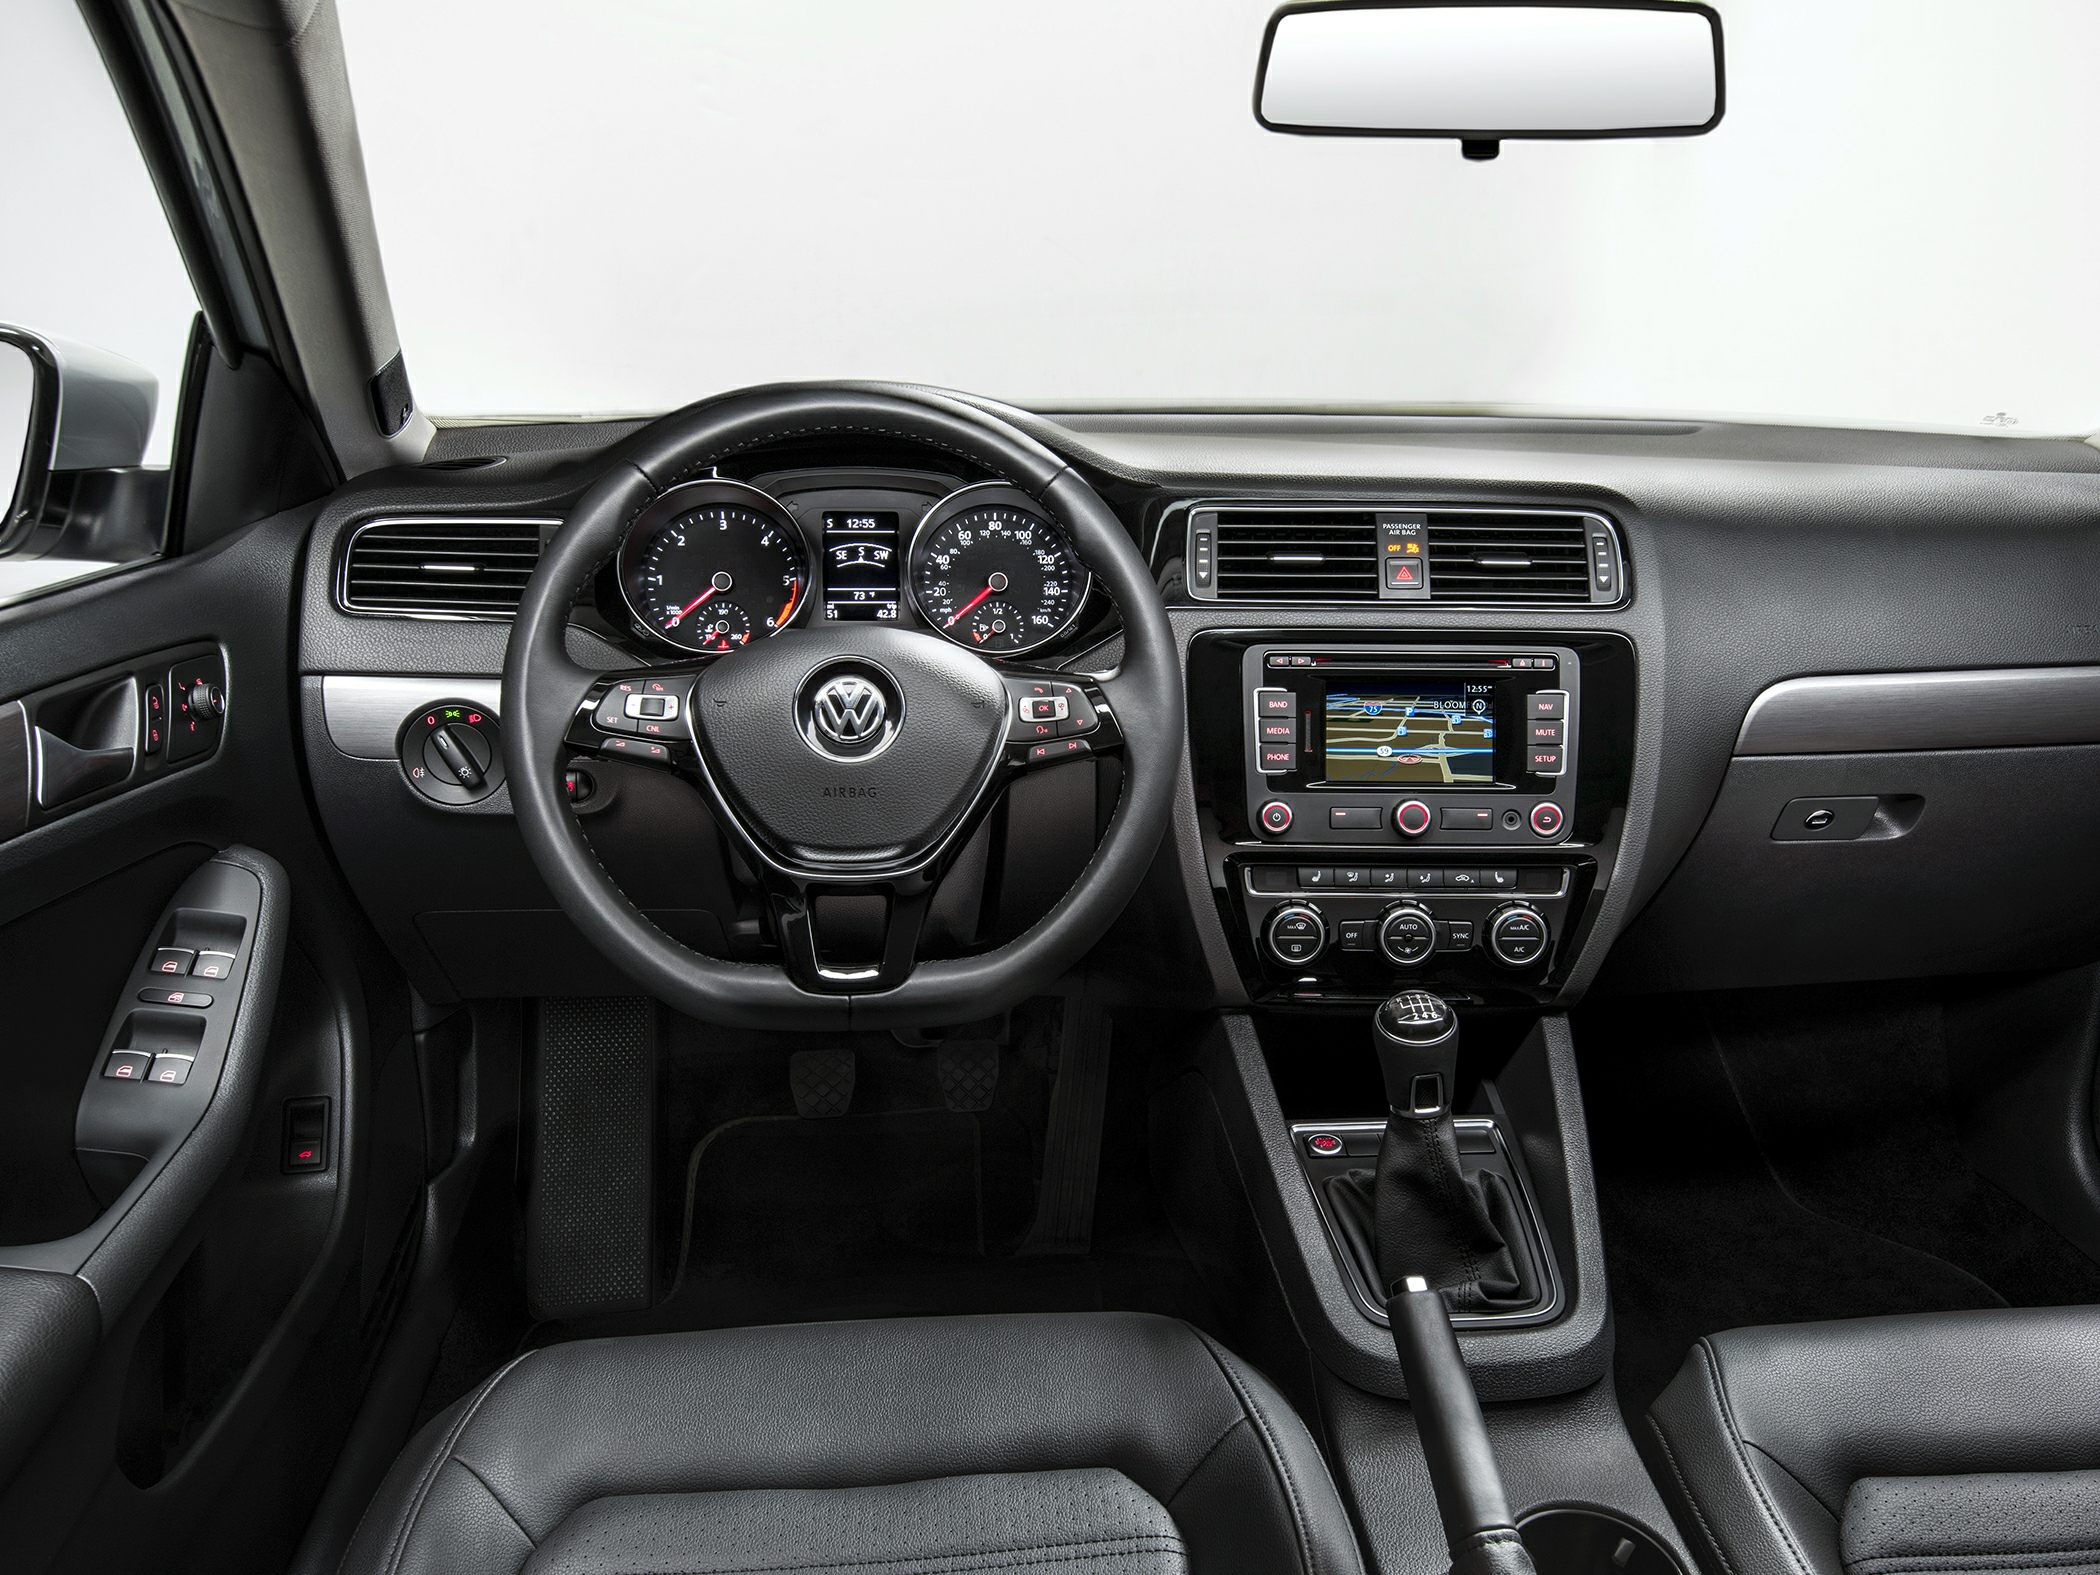 interior wagon features reviews photos s sportwagen volkswagen jetta price